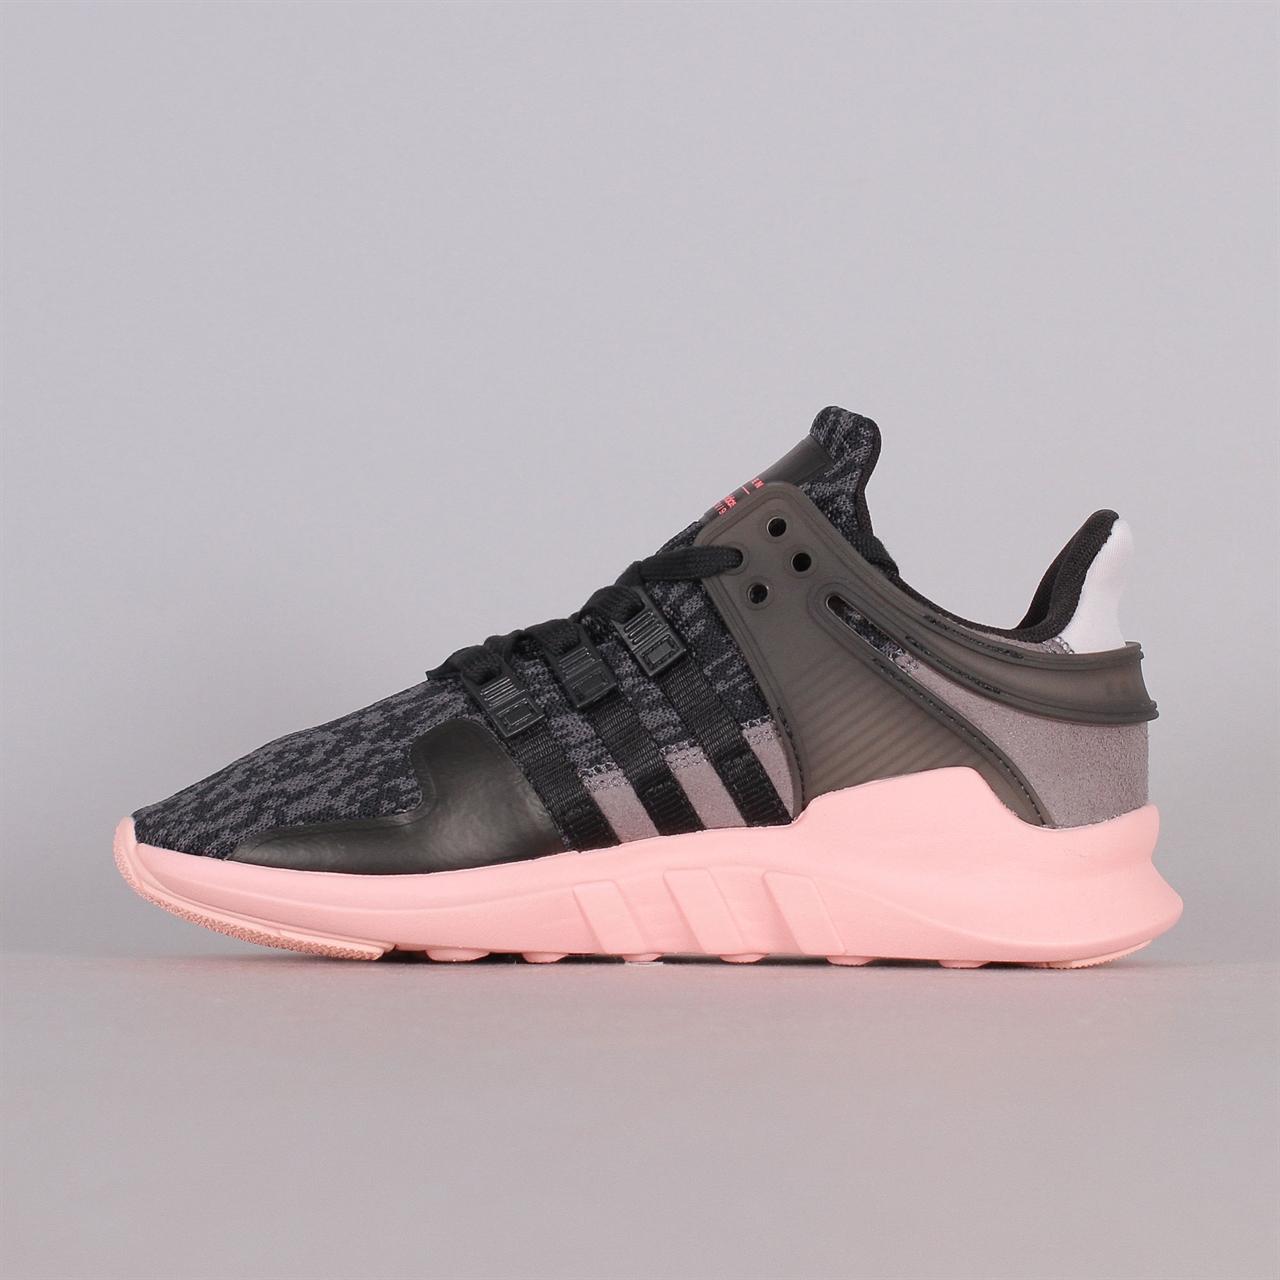 8b701a728acc Shelta - Adidas Originals Womens EQT Support (BB2322)